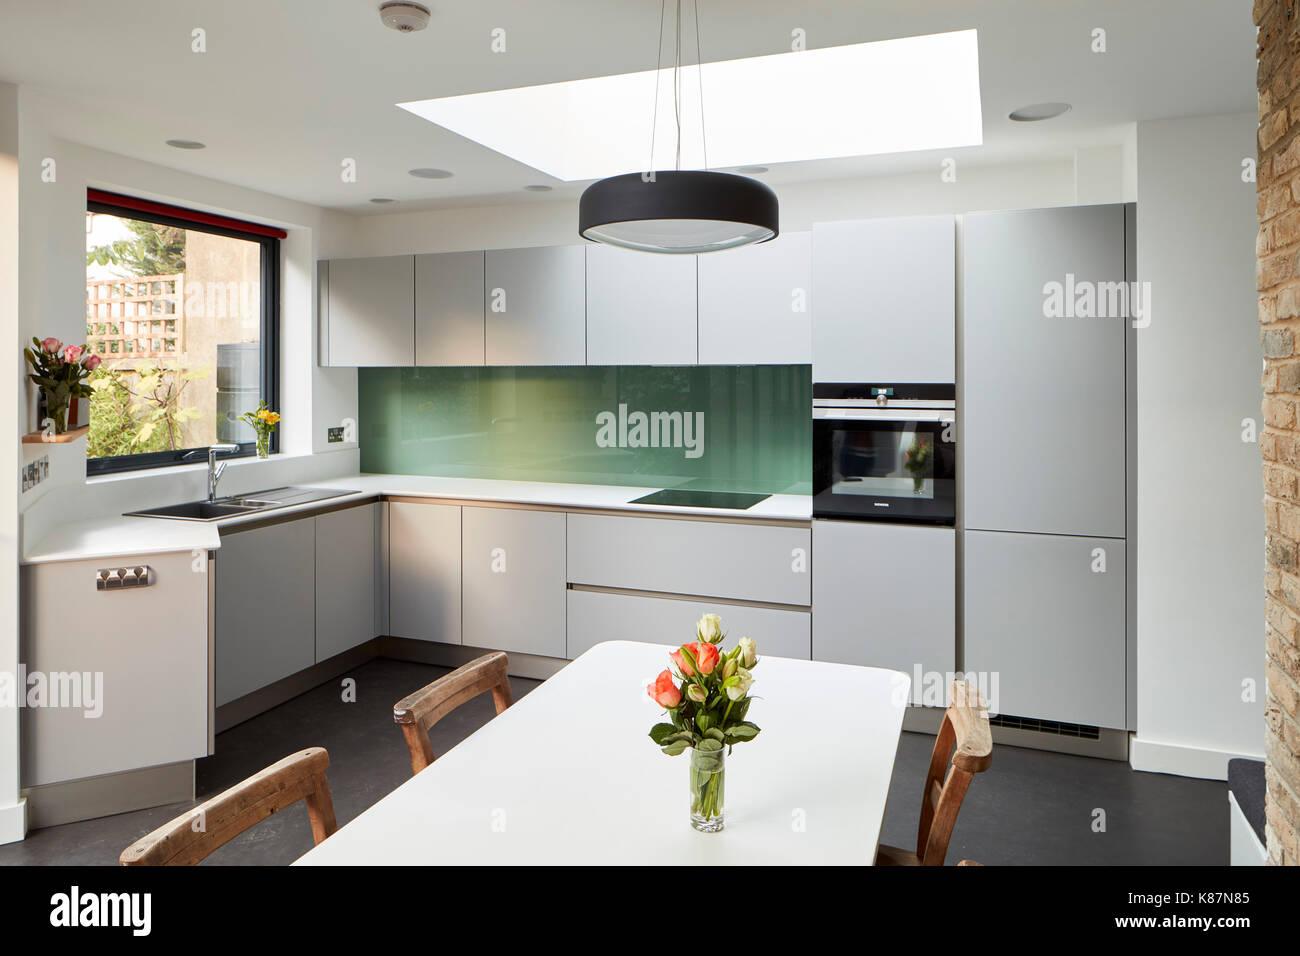 Skylight In Kitchen Imágenes De Stock & Skylight In Kitchen Fotos De ...